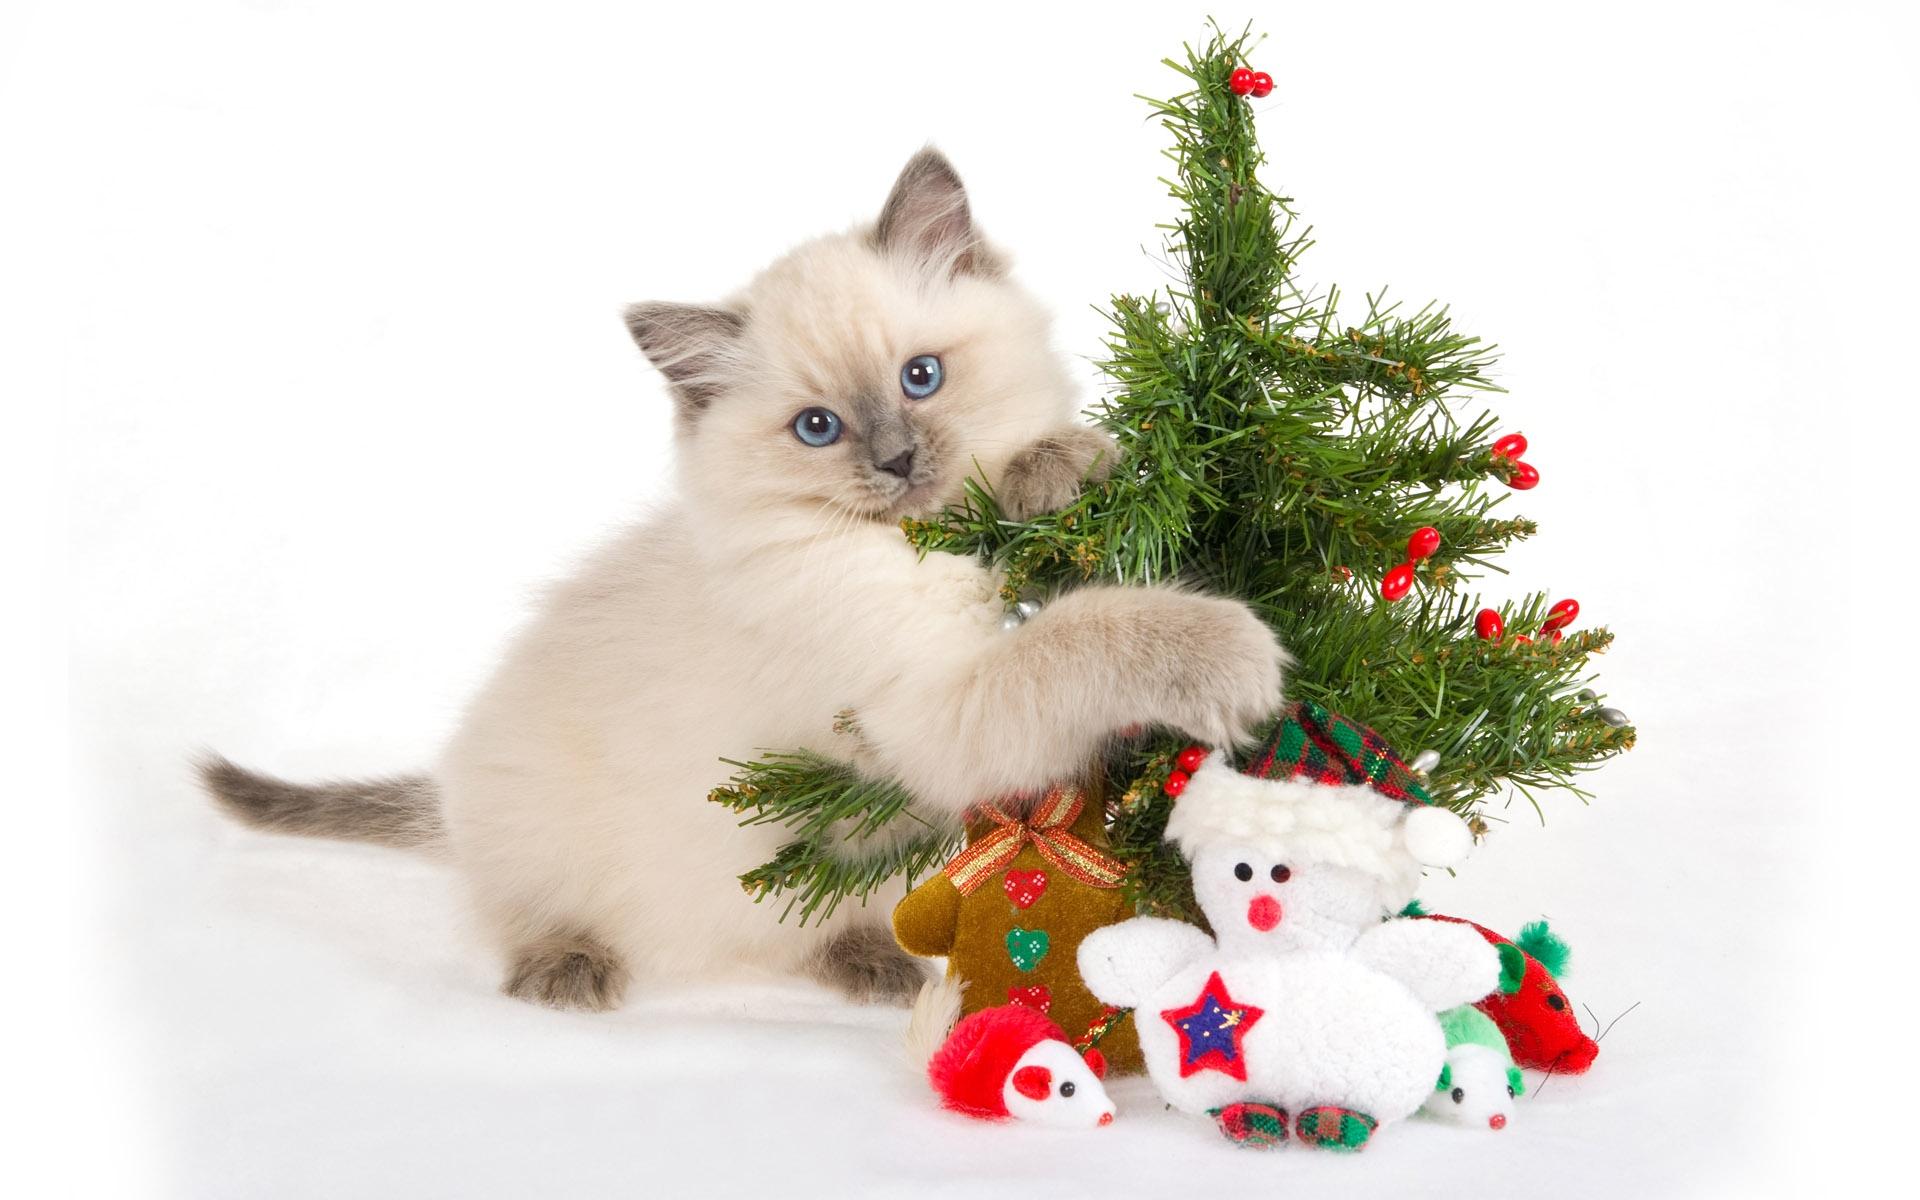 Картинки кошек и котят смешные гифки контроль